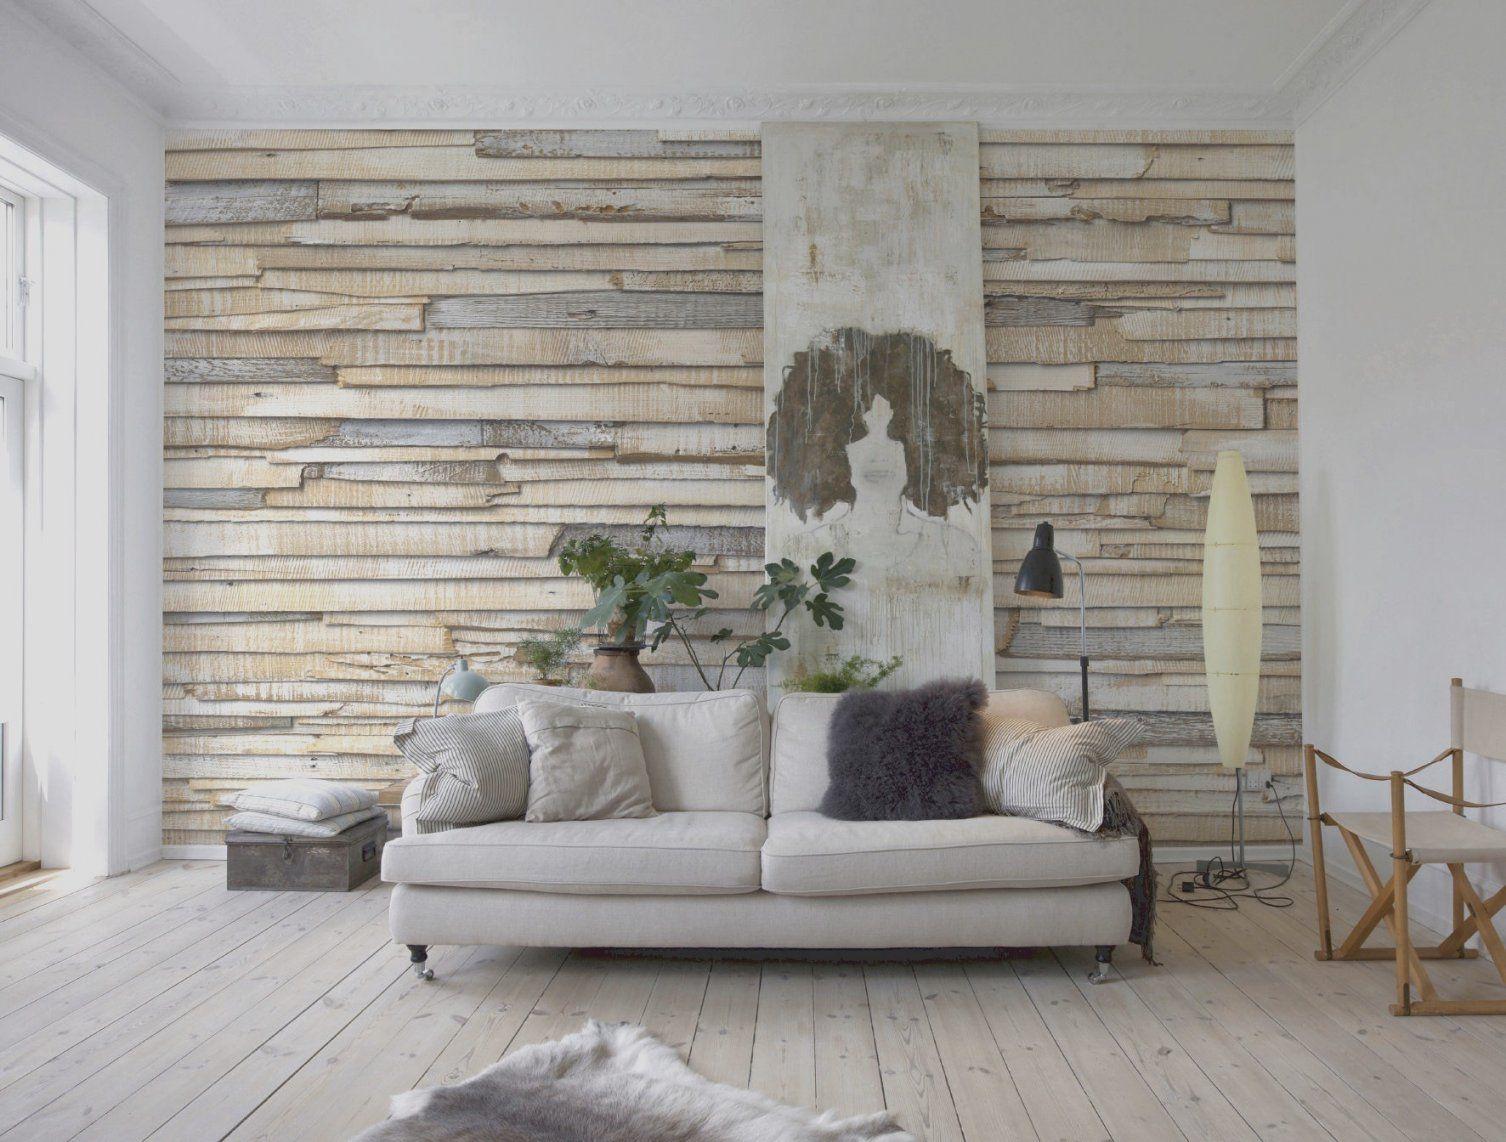 33 Wohnzimmer Tapeten Ideen Modern  Haus Ideen von Tapeten Ideen Für Wohnzimmer Photo